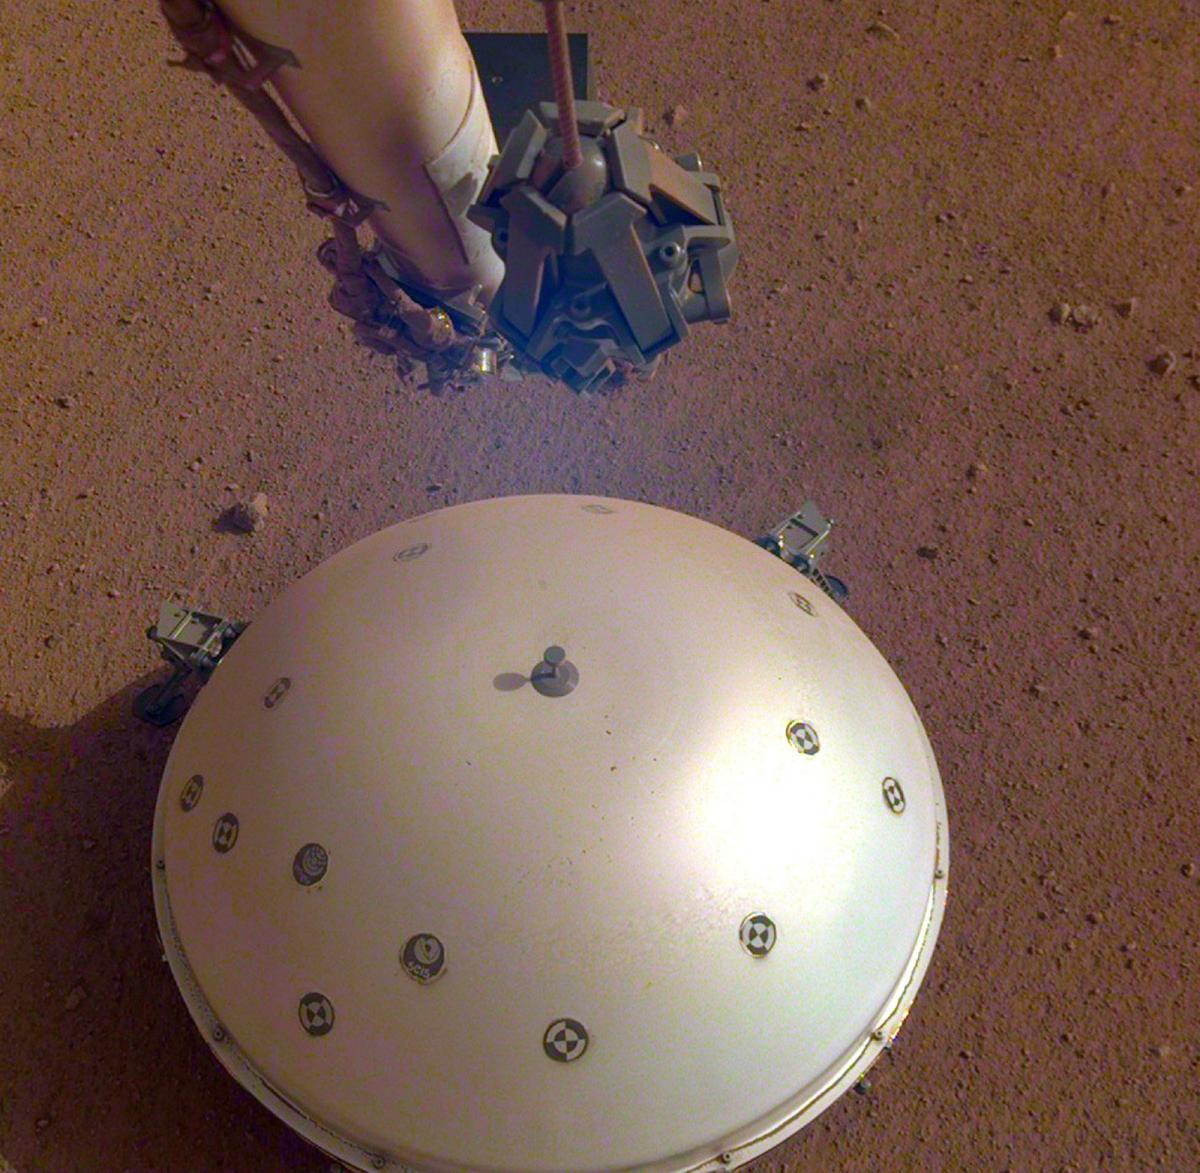 """Máy đo địa chấn của tàu thăm dò sao Hỏa InSight đã lần đầu tiên ghi lại được một """"marsquake"""" - một cơn địa chấn nhỏ trên hành tinh khác ngoài Trái Đất vào tháng 4/2019."""